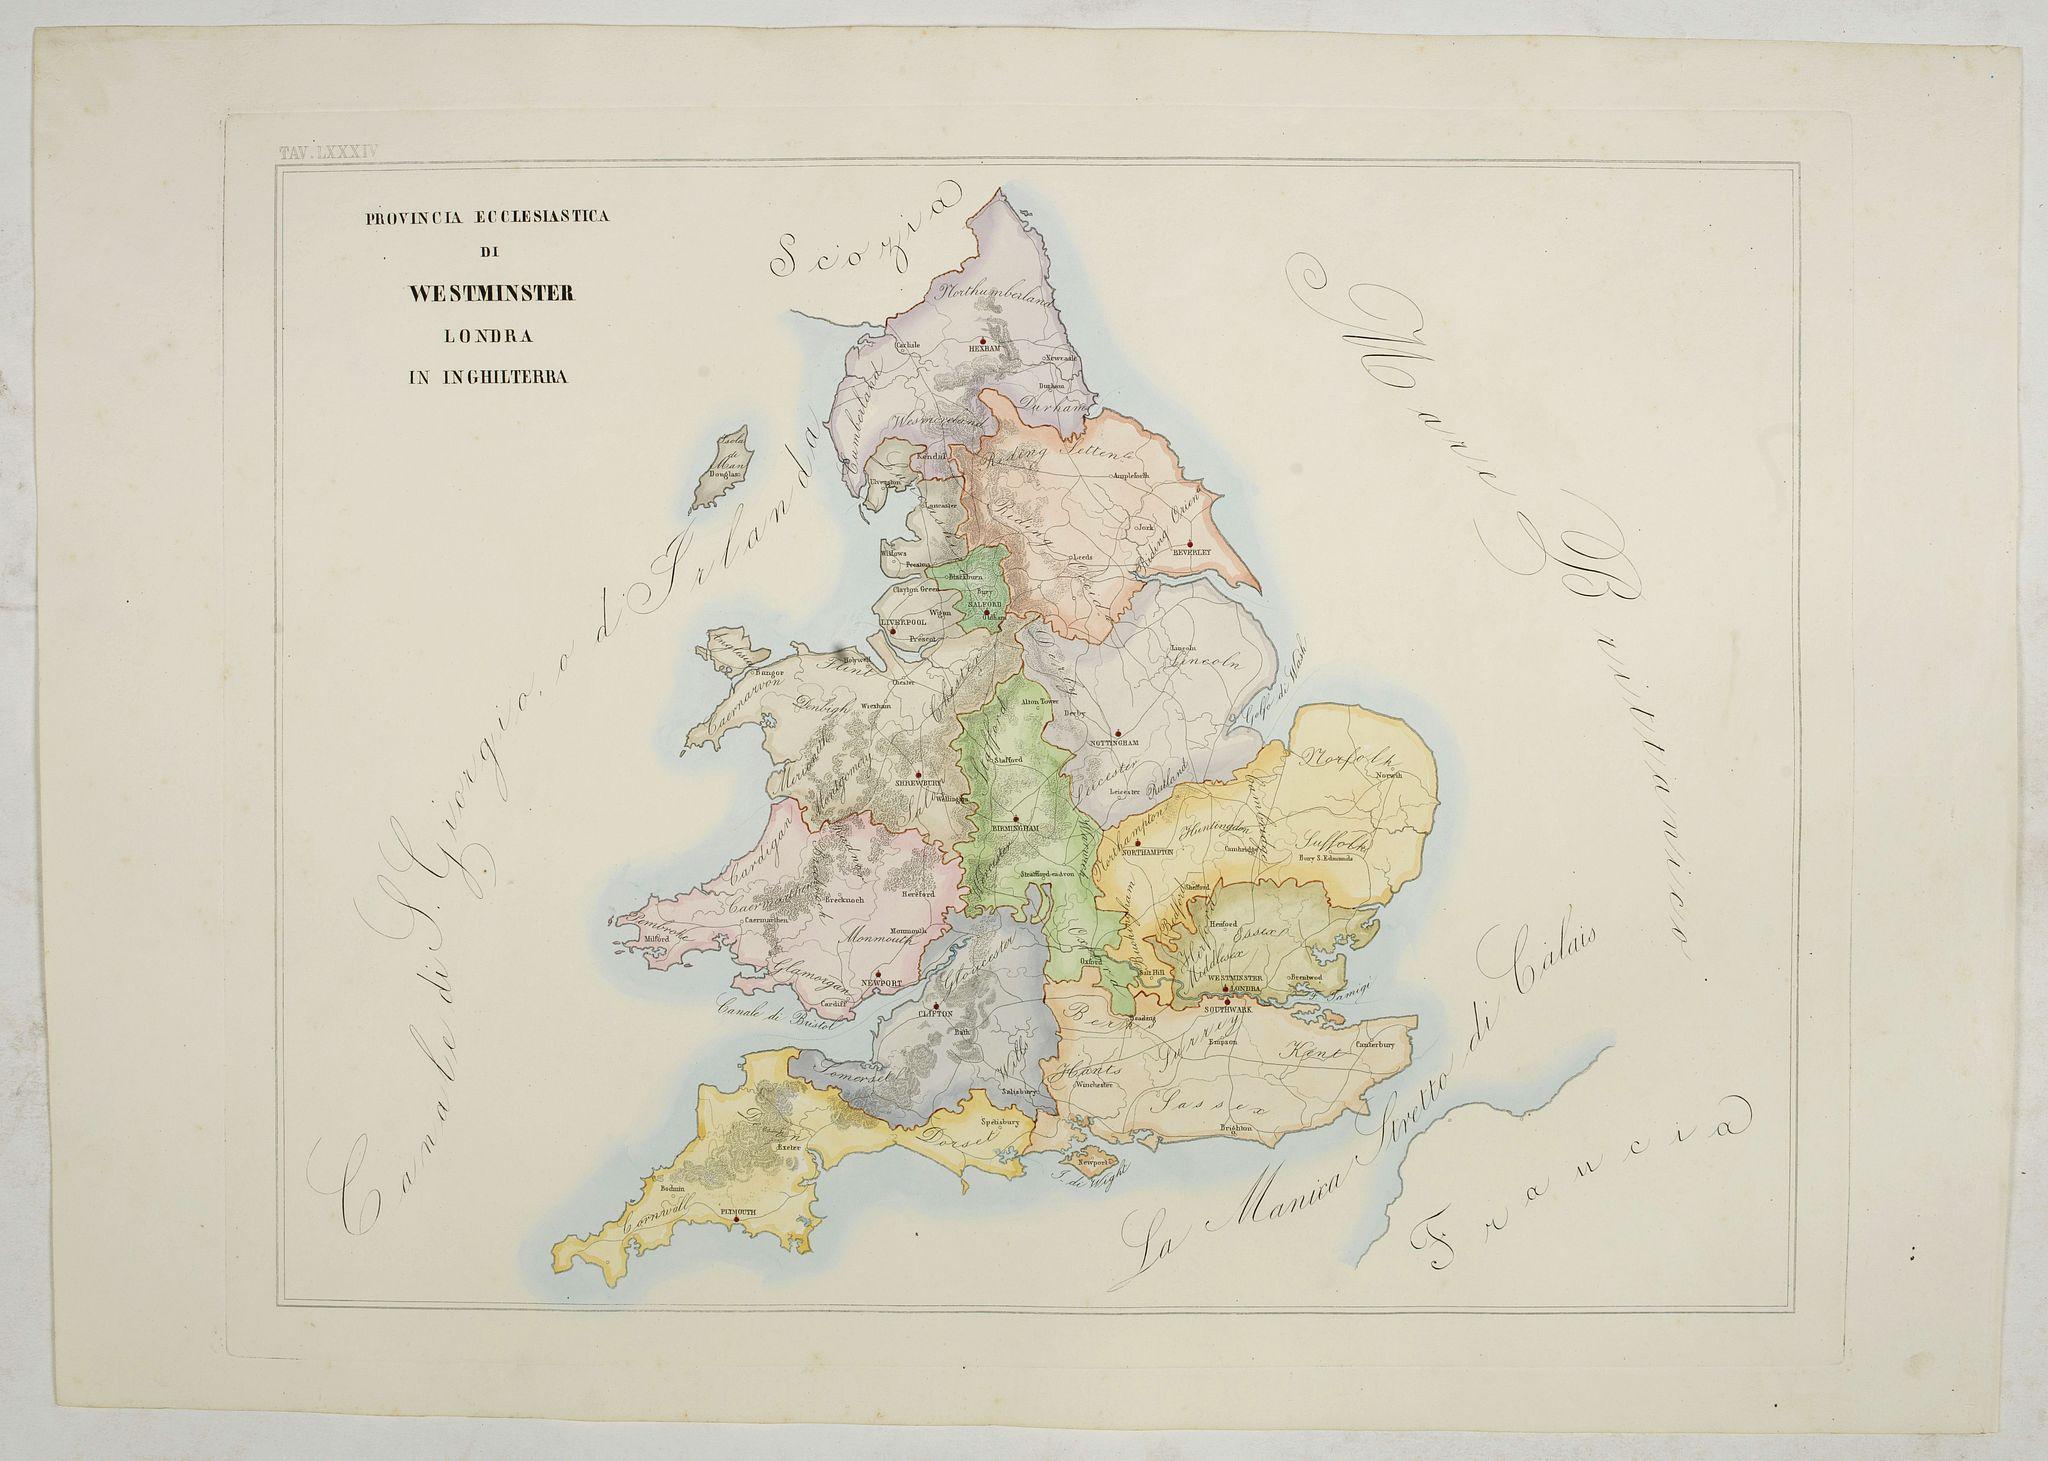 PETRI  Girolamo -  Provincia ecclesiastica di Westminster Londra in Inghilterra (Tav LXXXIV)